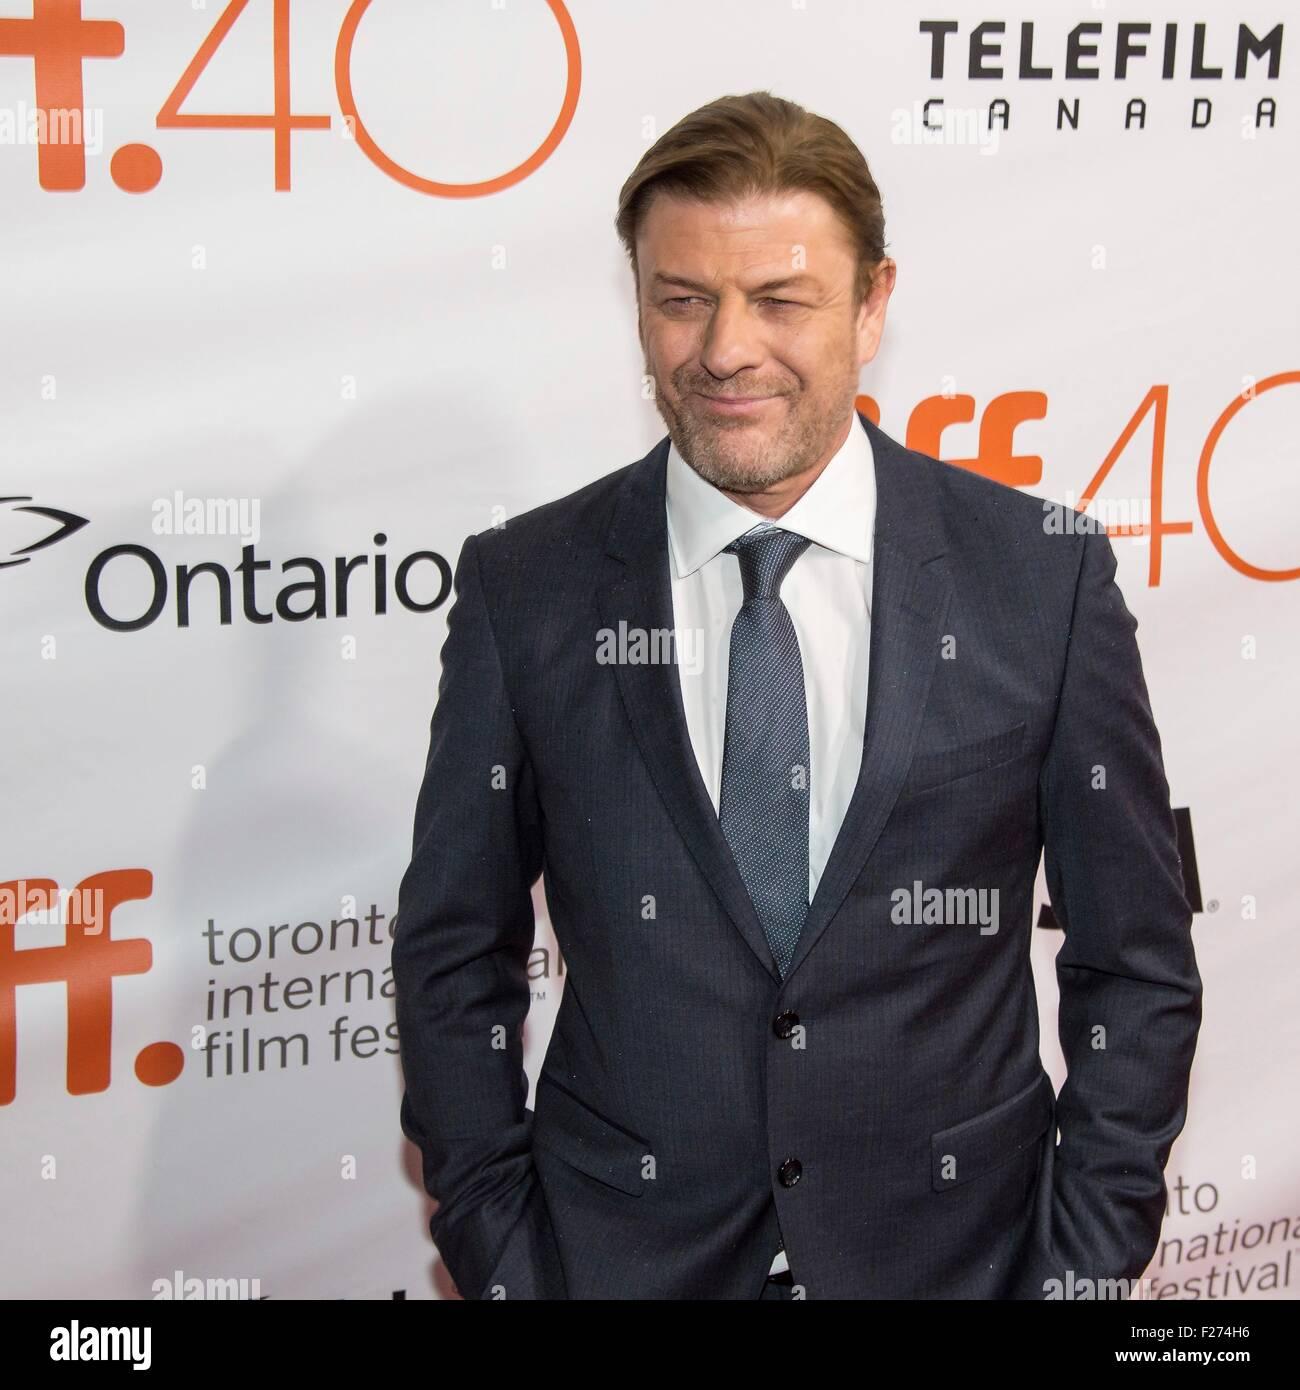 Schauspieler Sean Bean besucht die Weltpremiere für The Martian auf dem Toronto International Film Festival Stockbild